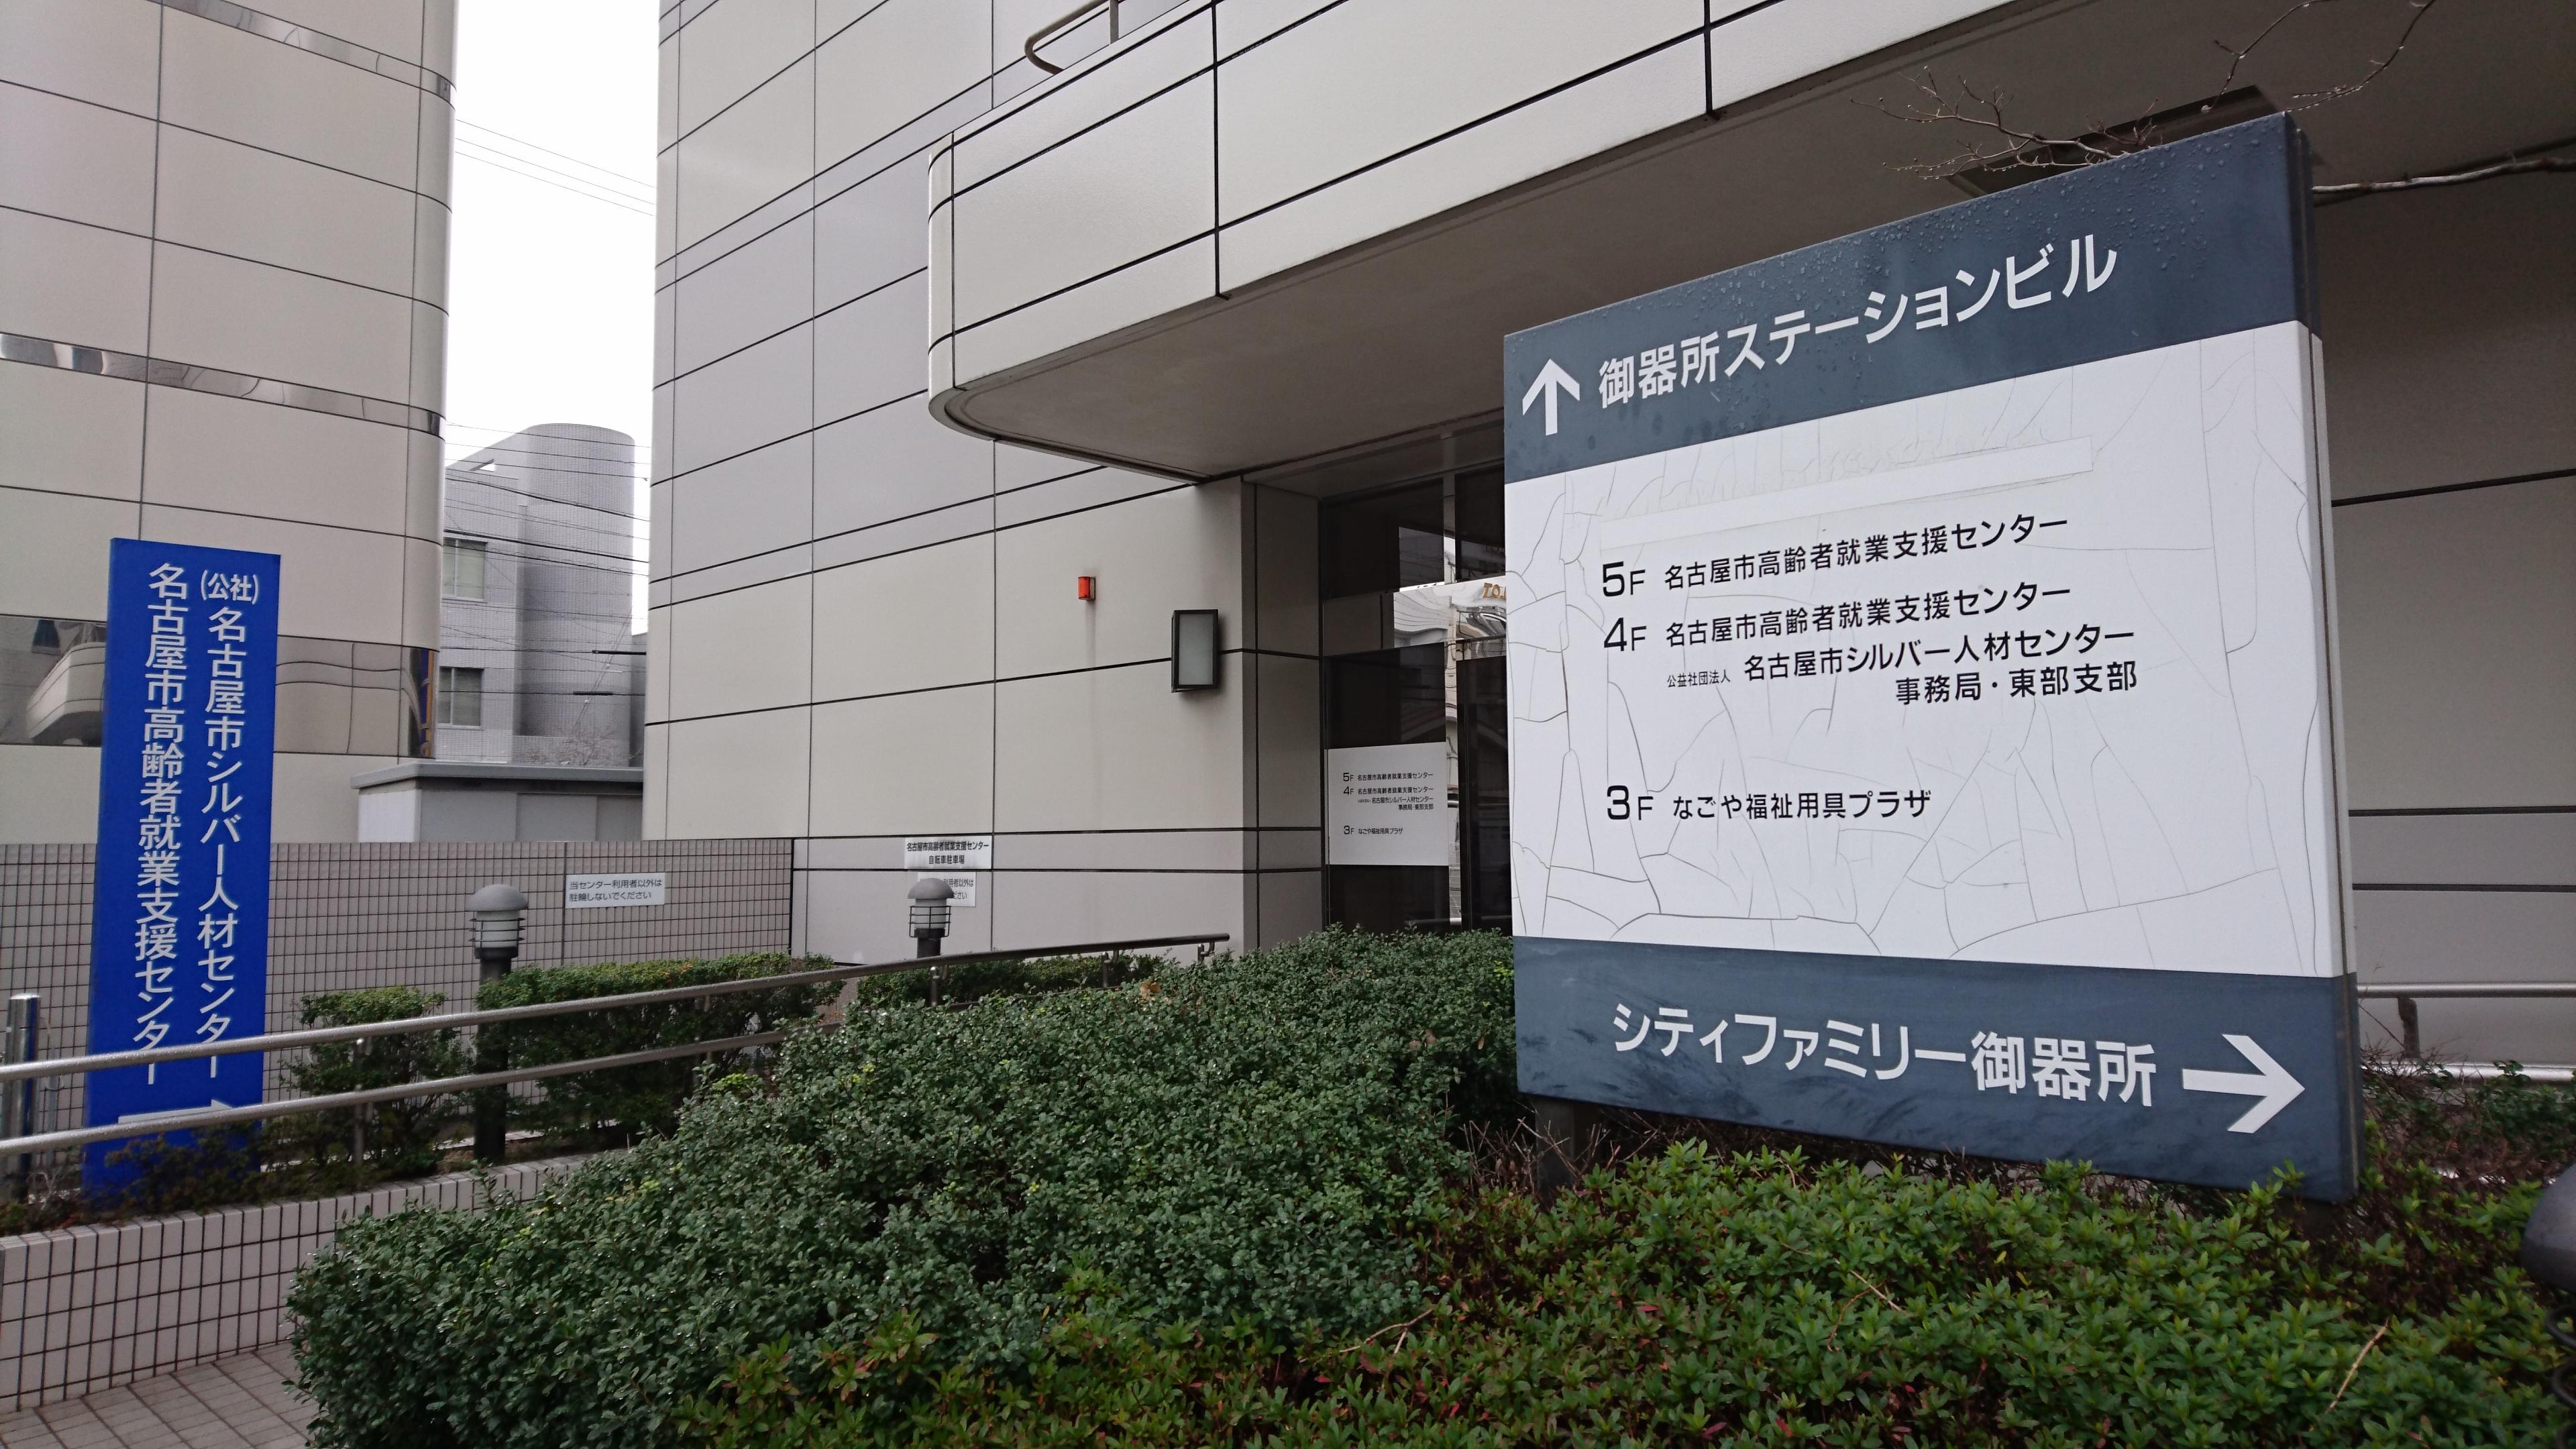 障害者へのICT活用研修会場(なごや福祉用具プラザ)